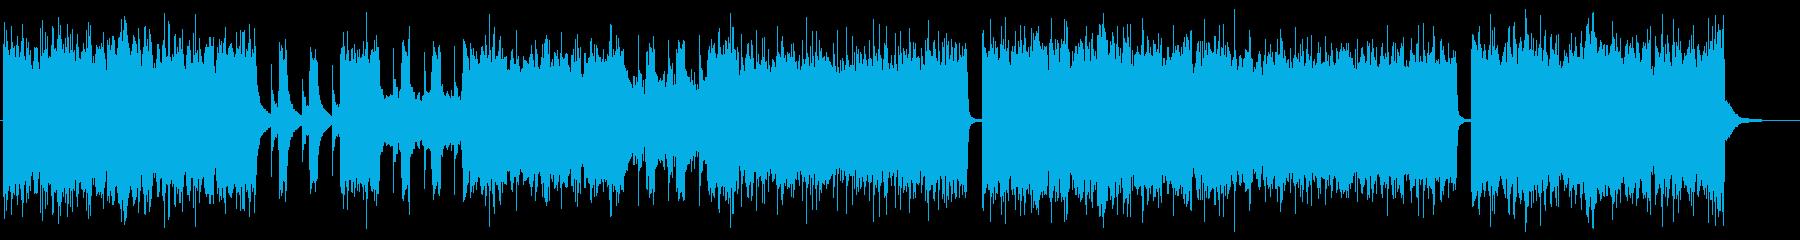 グルーヴ感のあるメタルコア バンド版の再生済みの波形